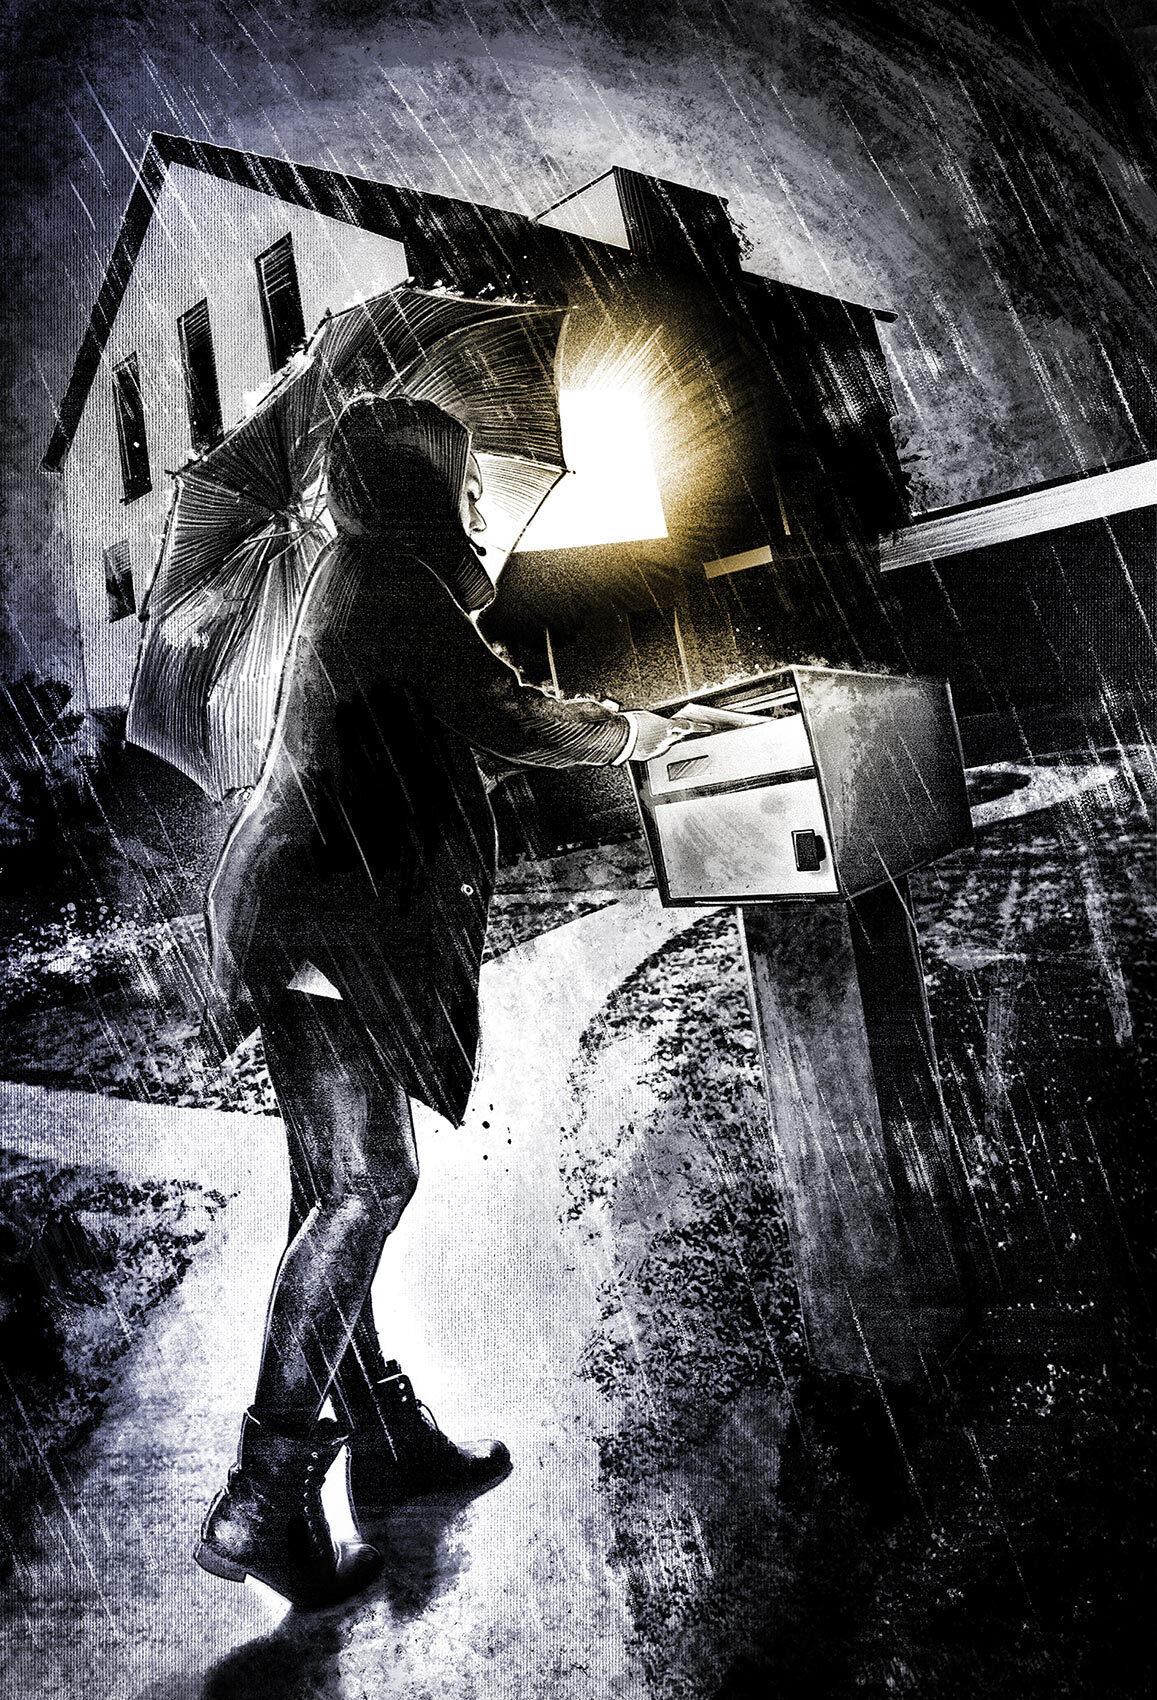 Dark regenschirm illustration house light rain night briefkasten licht haus nacht - Kornel Illustration | Kornel Stadler portfolio